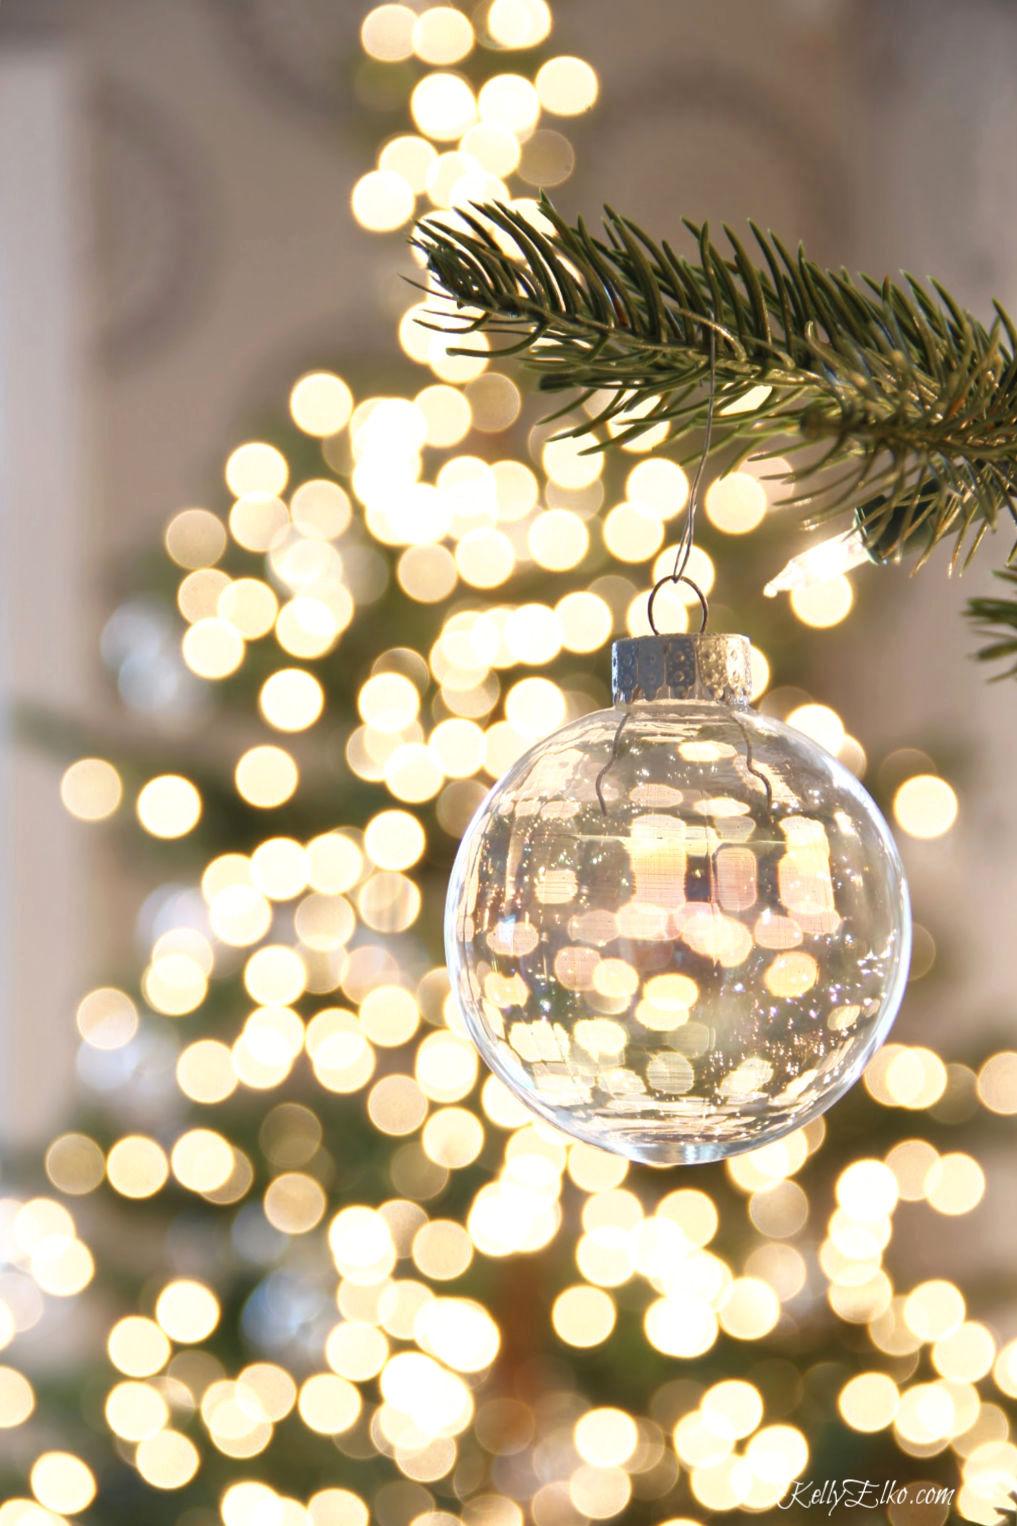 Clear Christmas Ornament bokah kellyelko.com #christmas #christmasdecor #christmasdecorating #christmashome #christmastour #diychristmas #christmasideas #christmasmantel #christmastree #christmasornaments #vintagechristmas #farmhousechristmas #colorfulchristmas #creativechristmas #kellyelko #bokah #clearornament #christmaslights